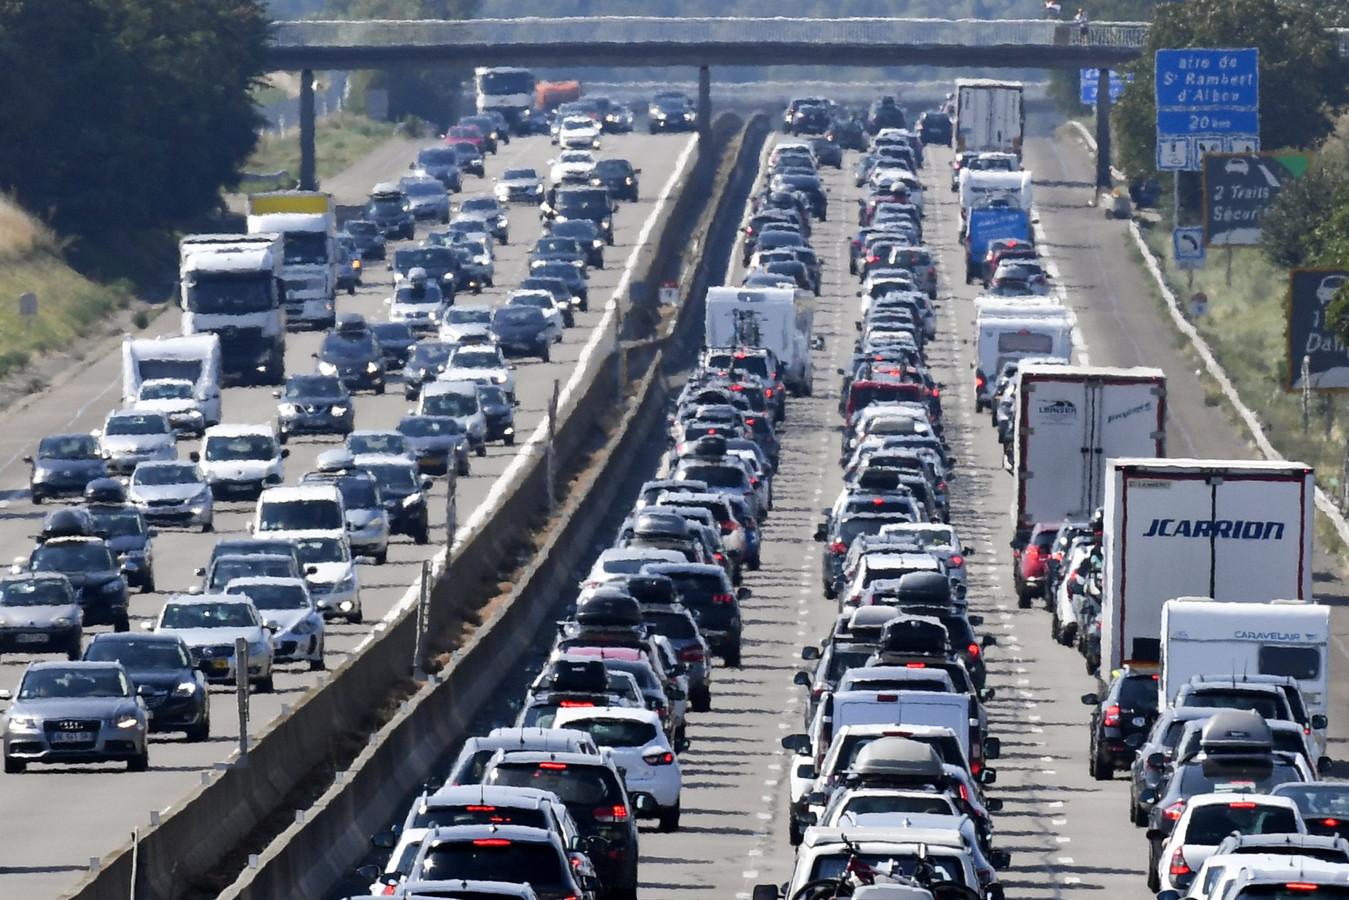 In Frankrijk worden zaterdag al vanaf de vroege ochtend lange files verwacht op onder meer de A7, zoals hier bij Vienne in het zuidoosten van het land.